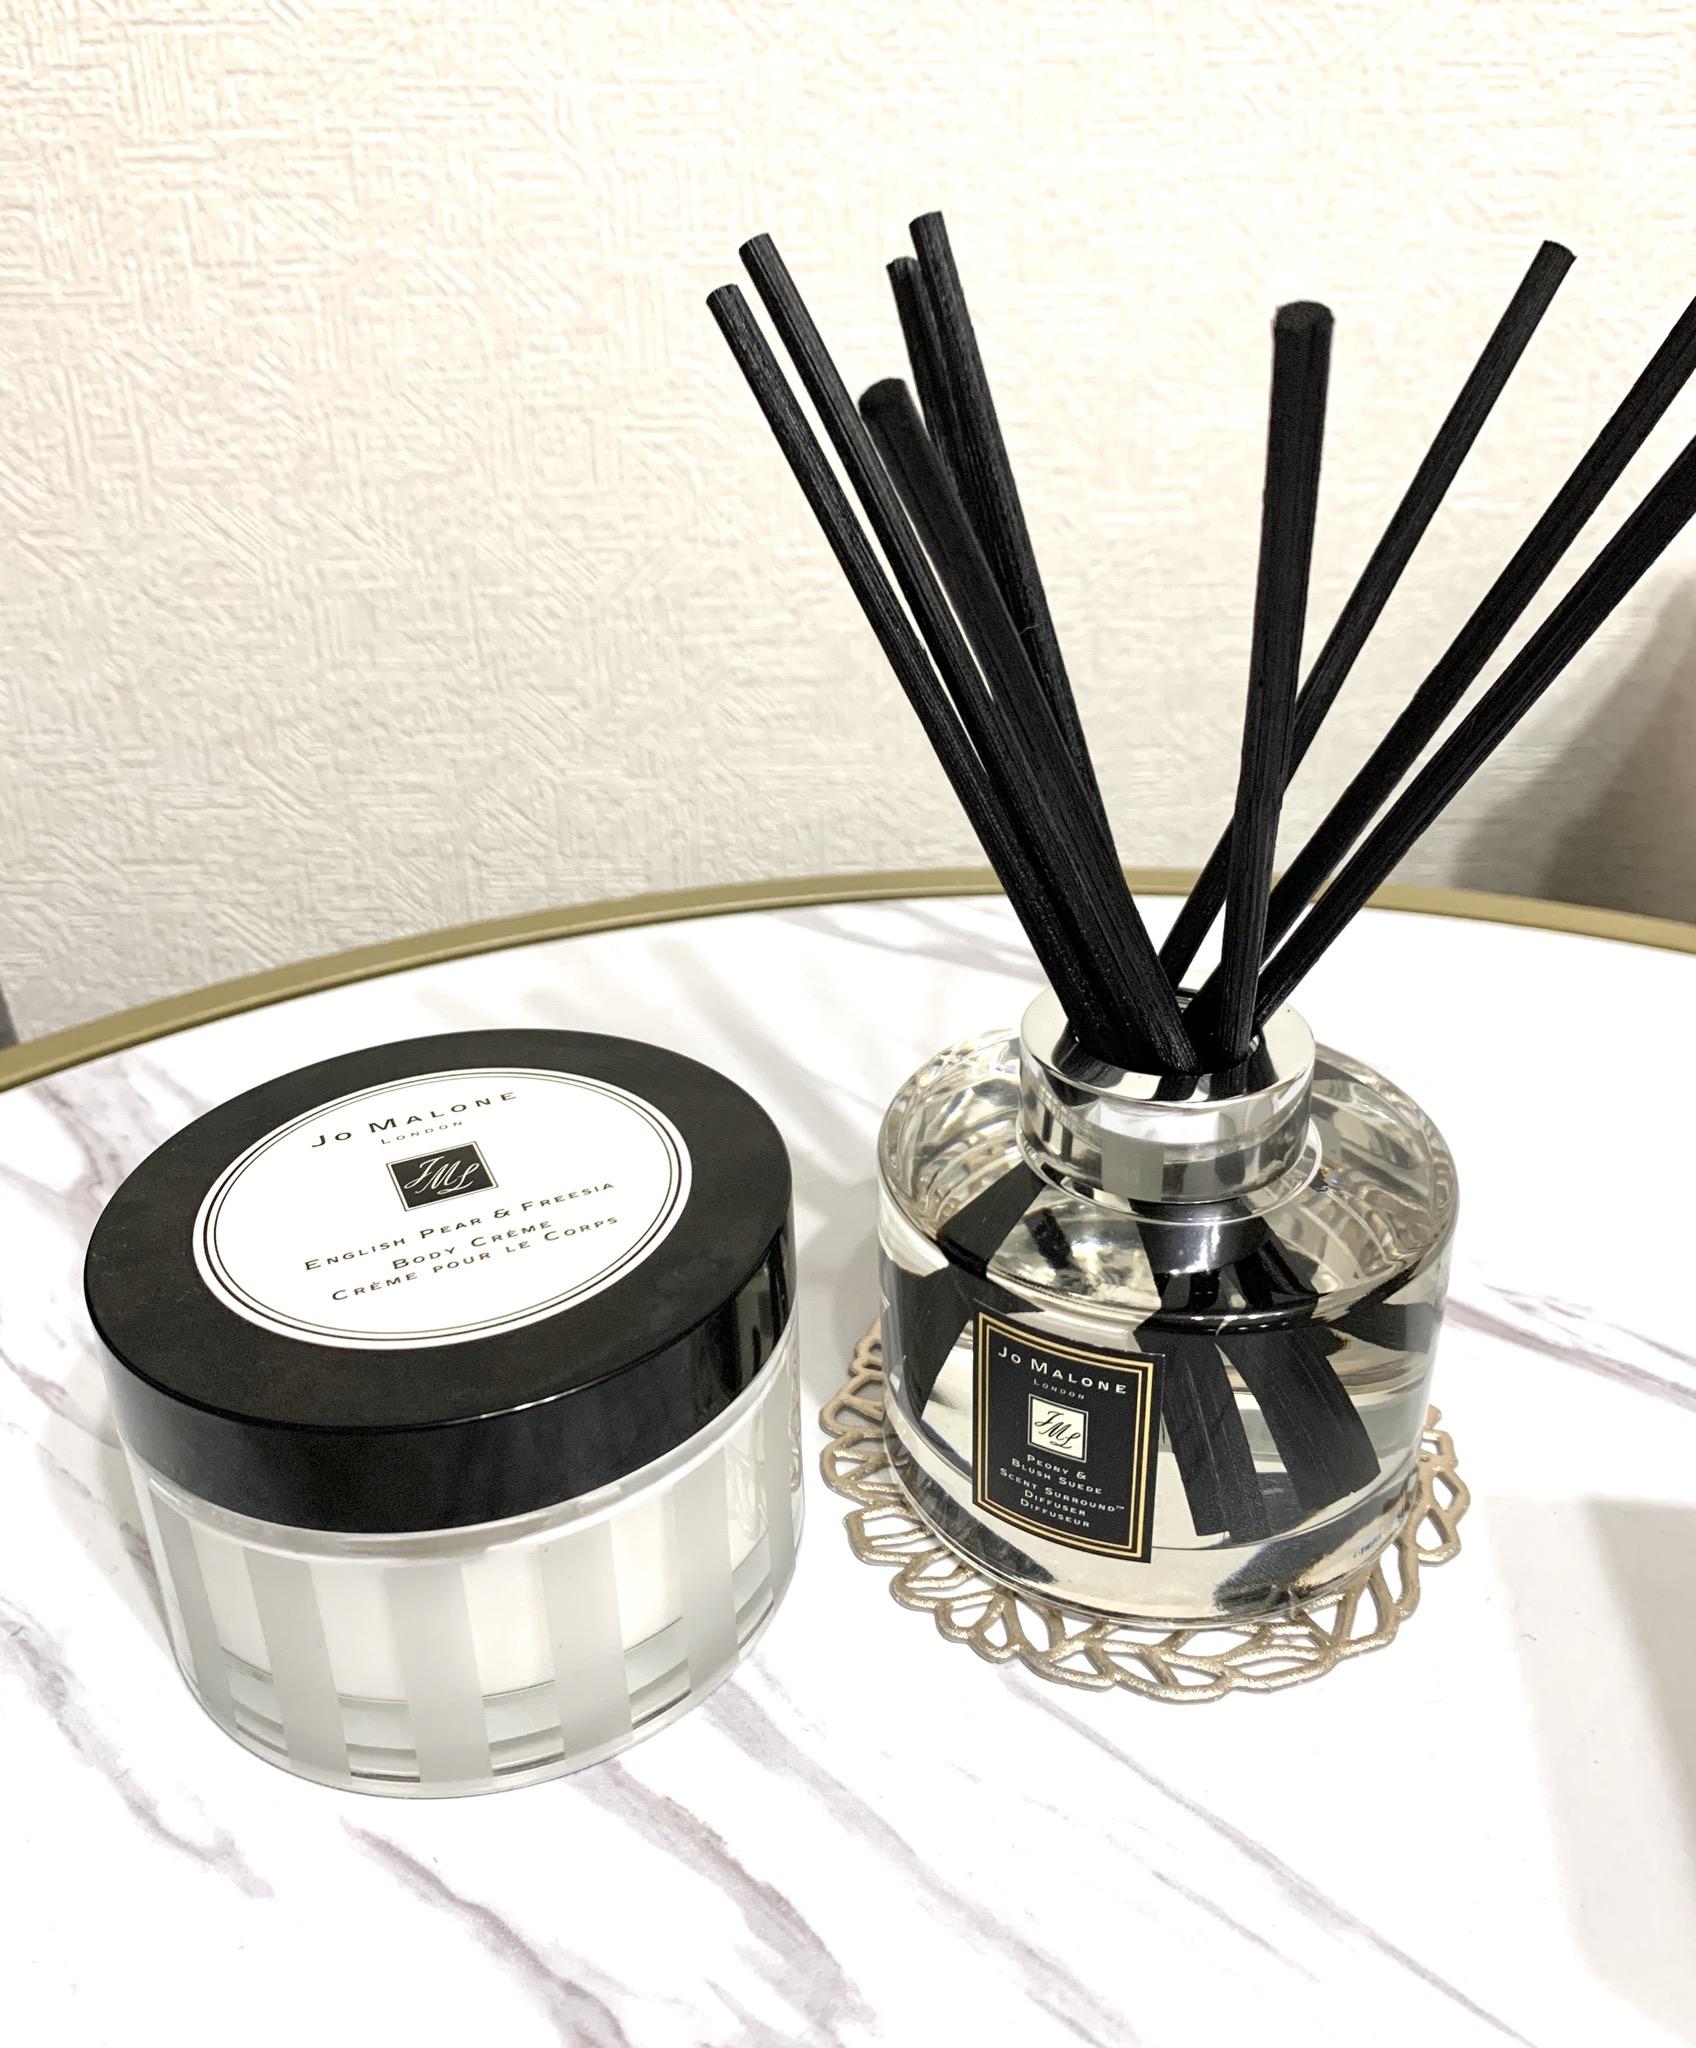 上品な香り【 JO MALONE 】_1